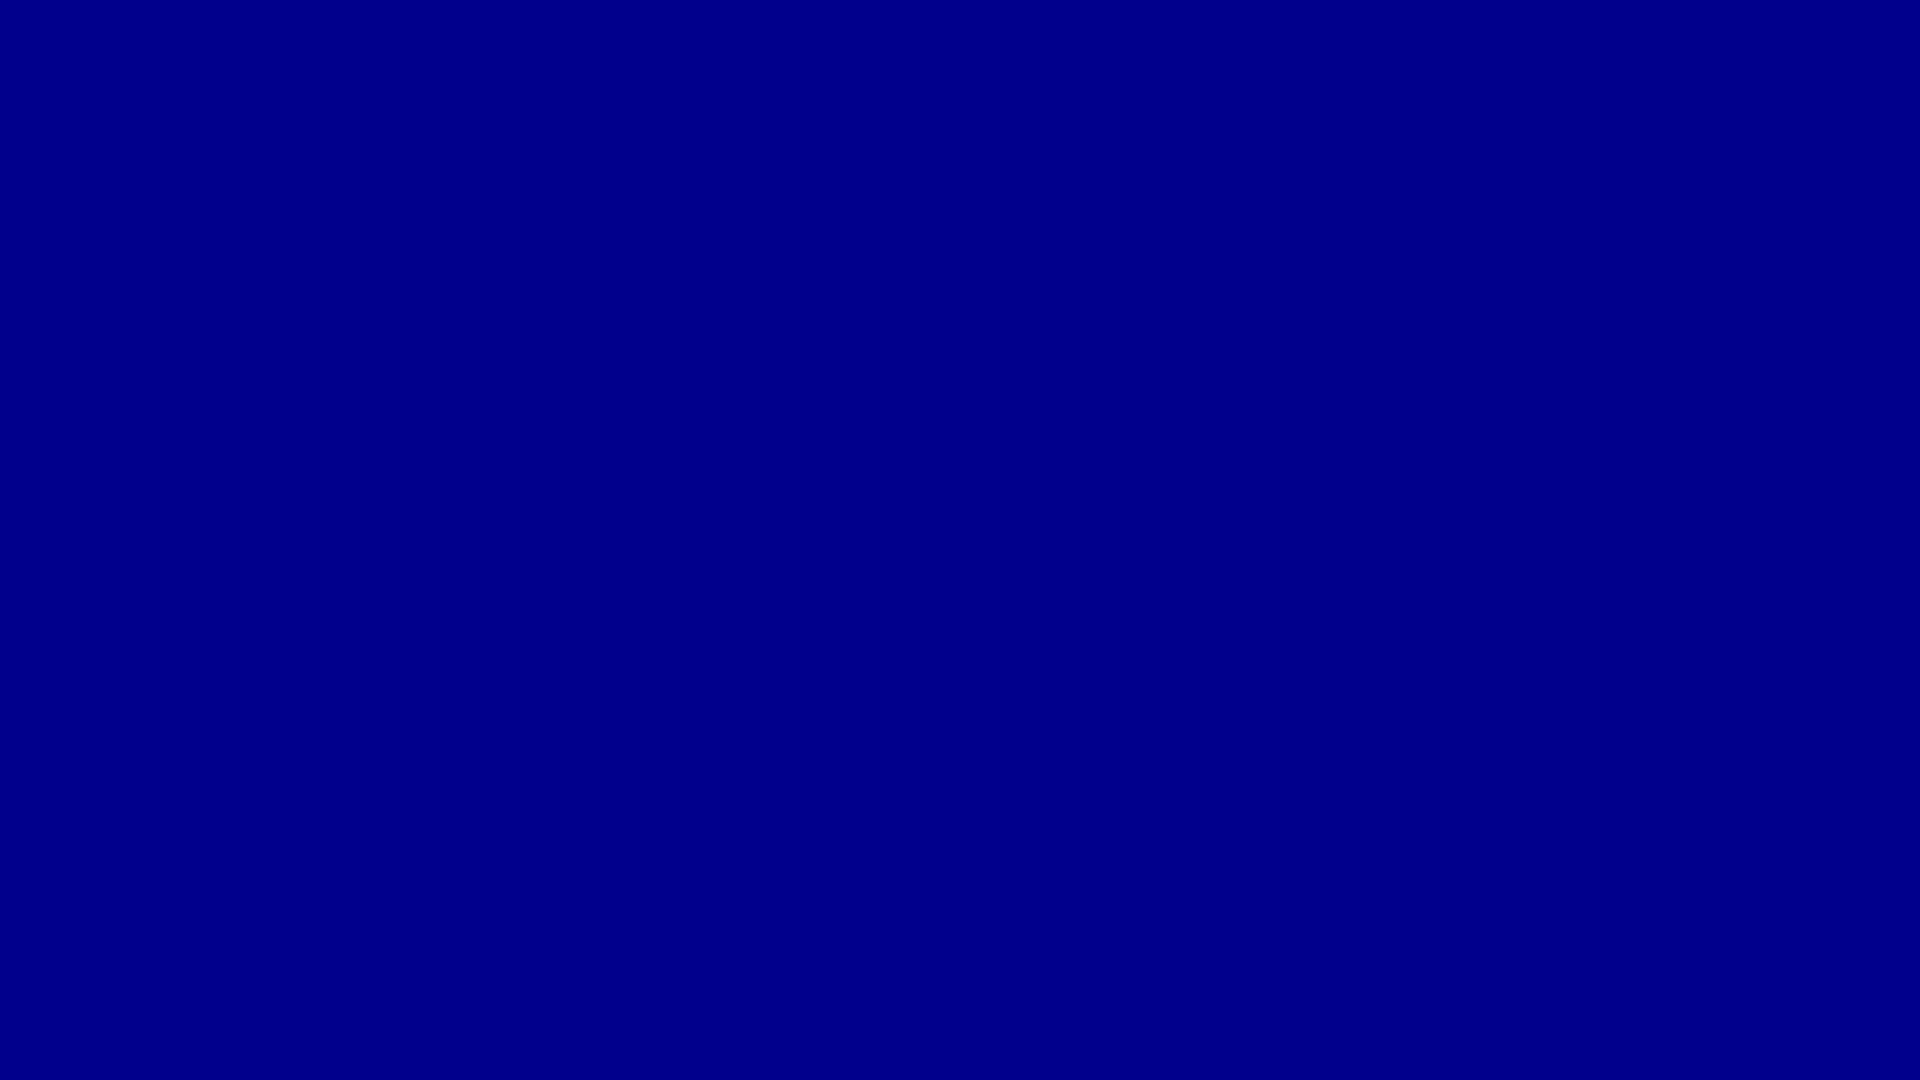 Pin Dark Blue Colour In Row